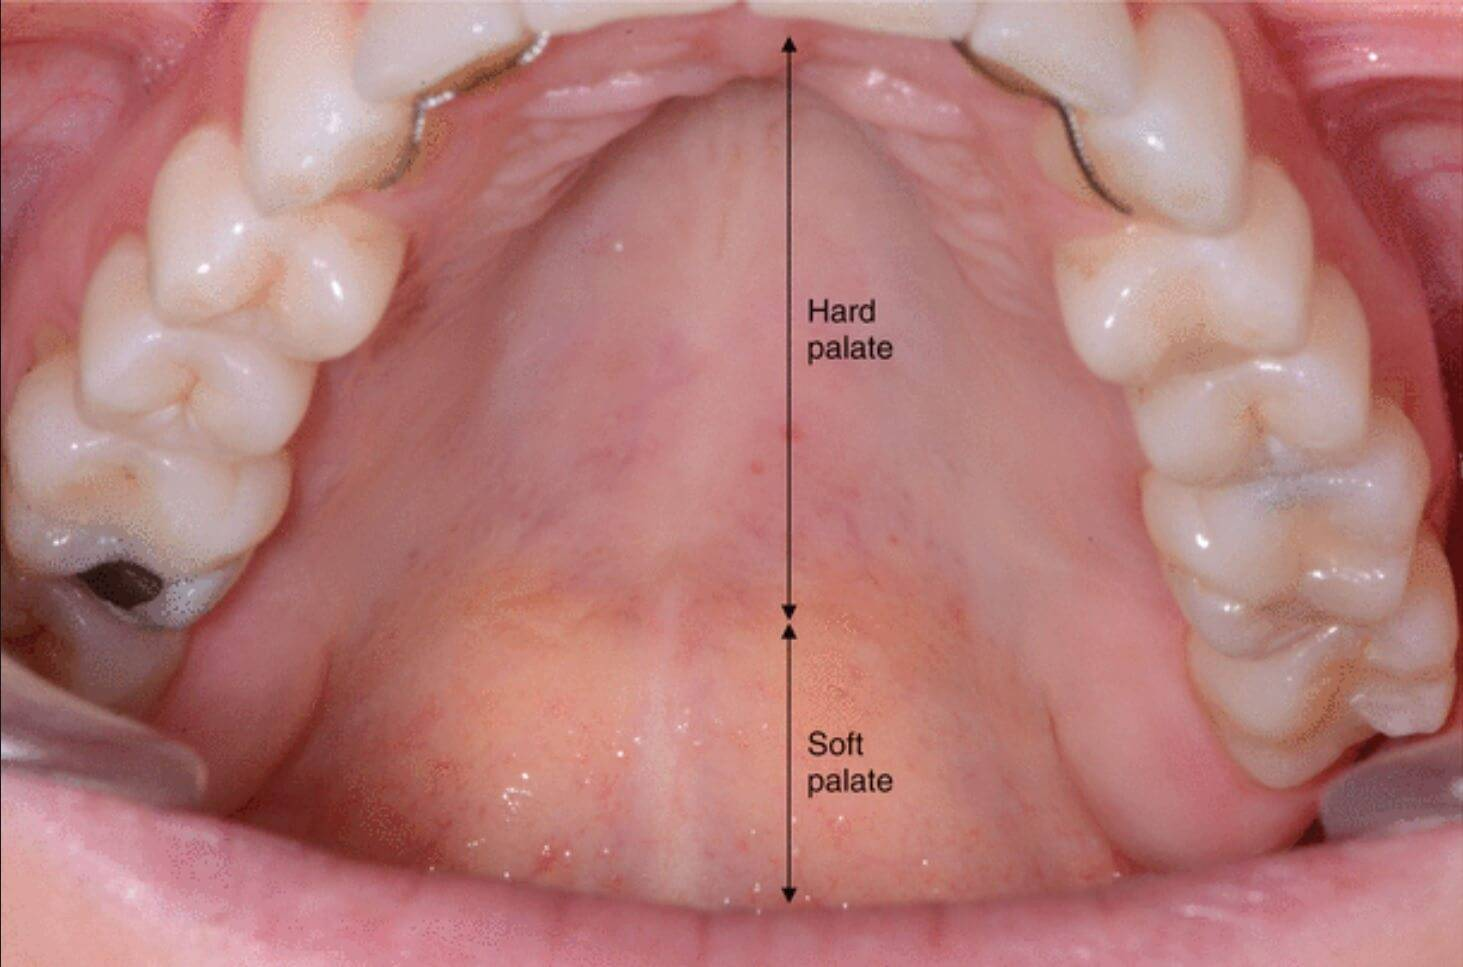 Что такое альвеолы зубов и зачем они нужны во рту, где находятся и как выглядят на отзывы? - медработник